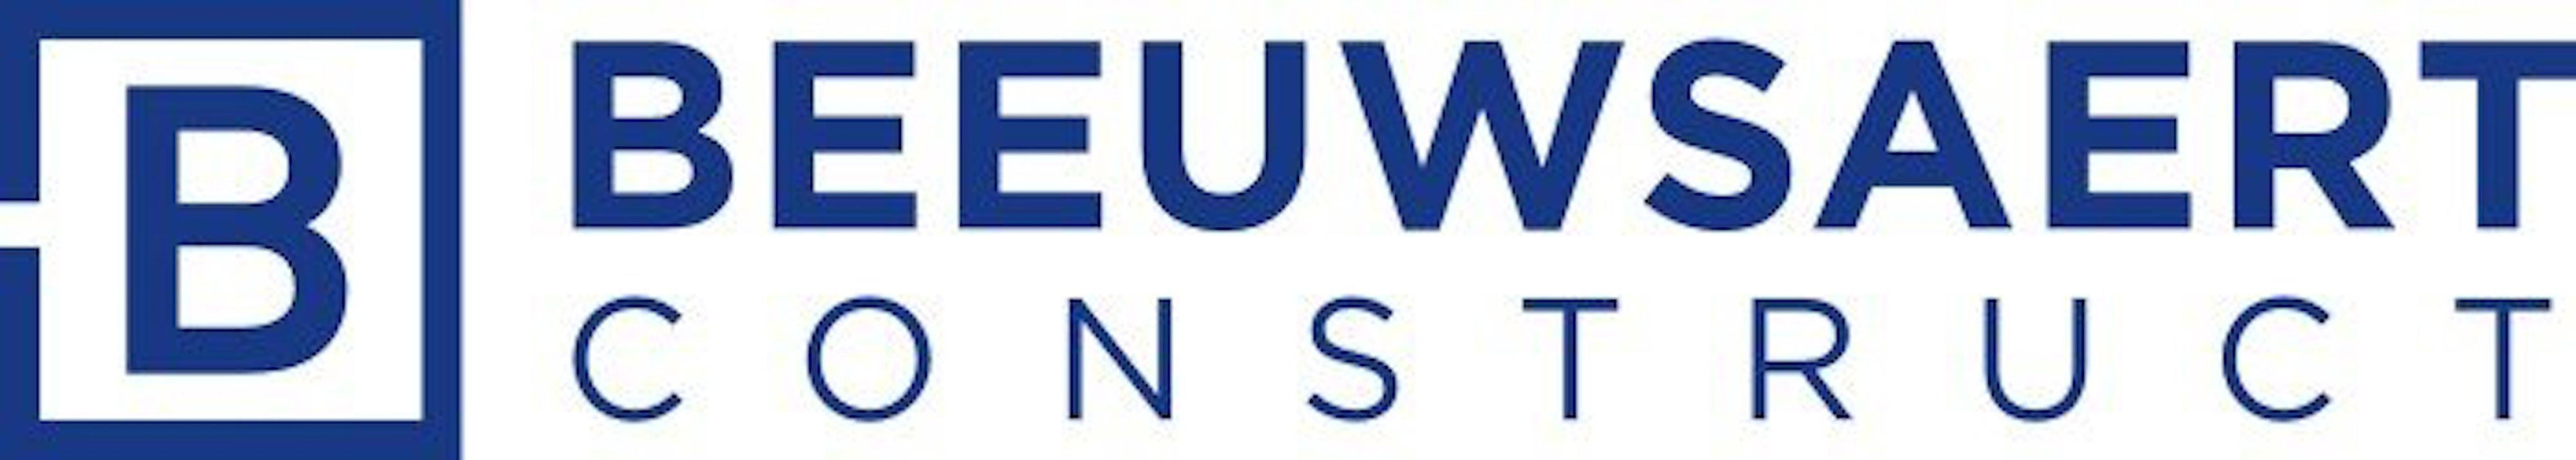 Beeuwsaert Construct logo